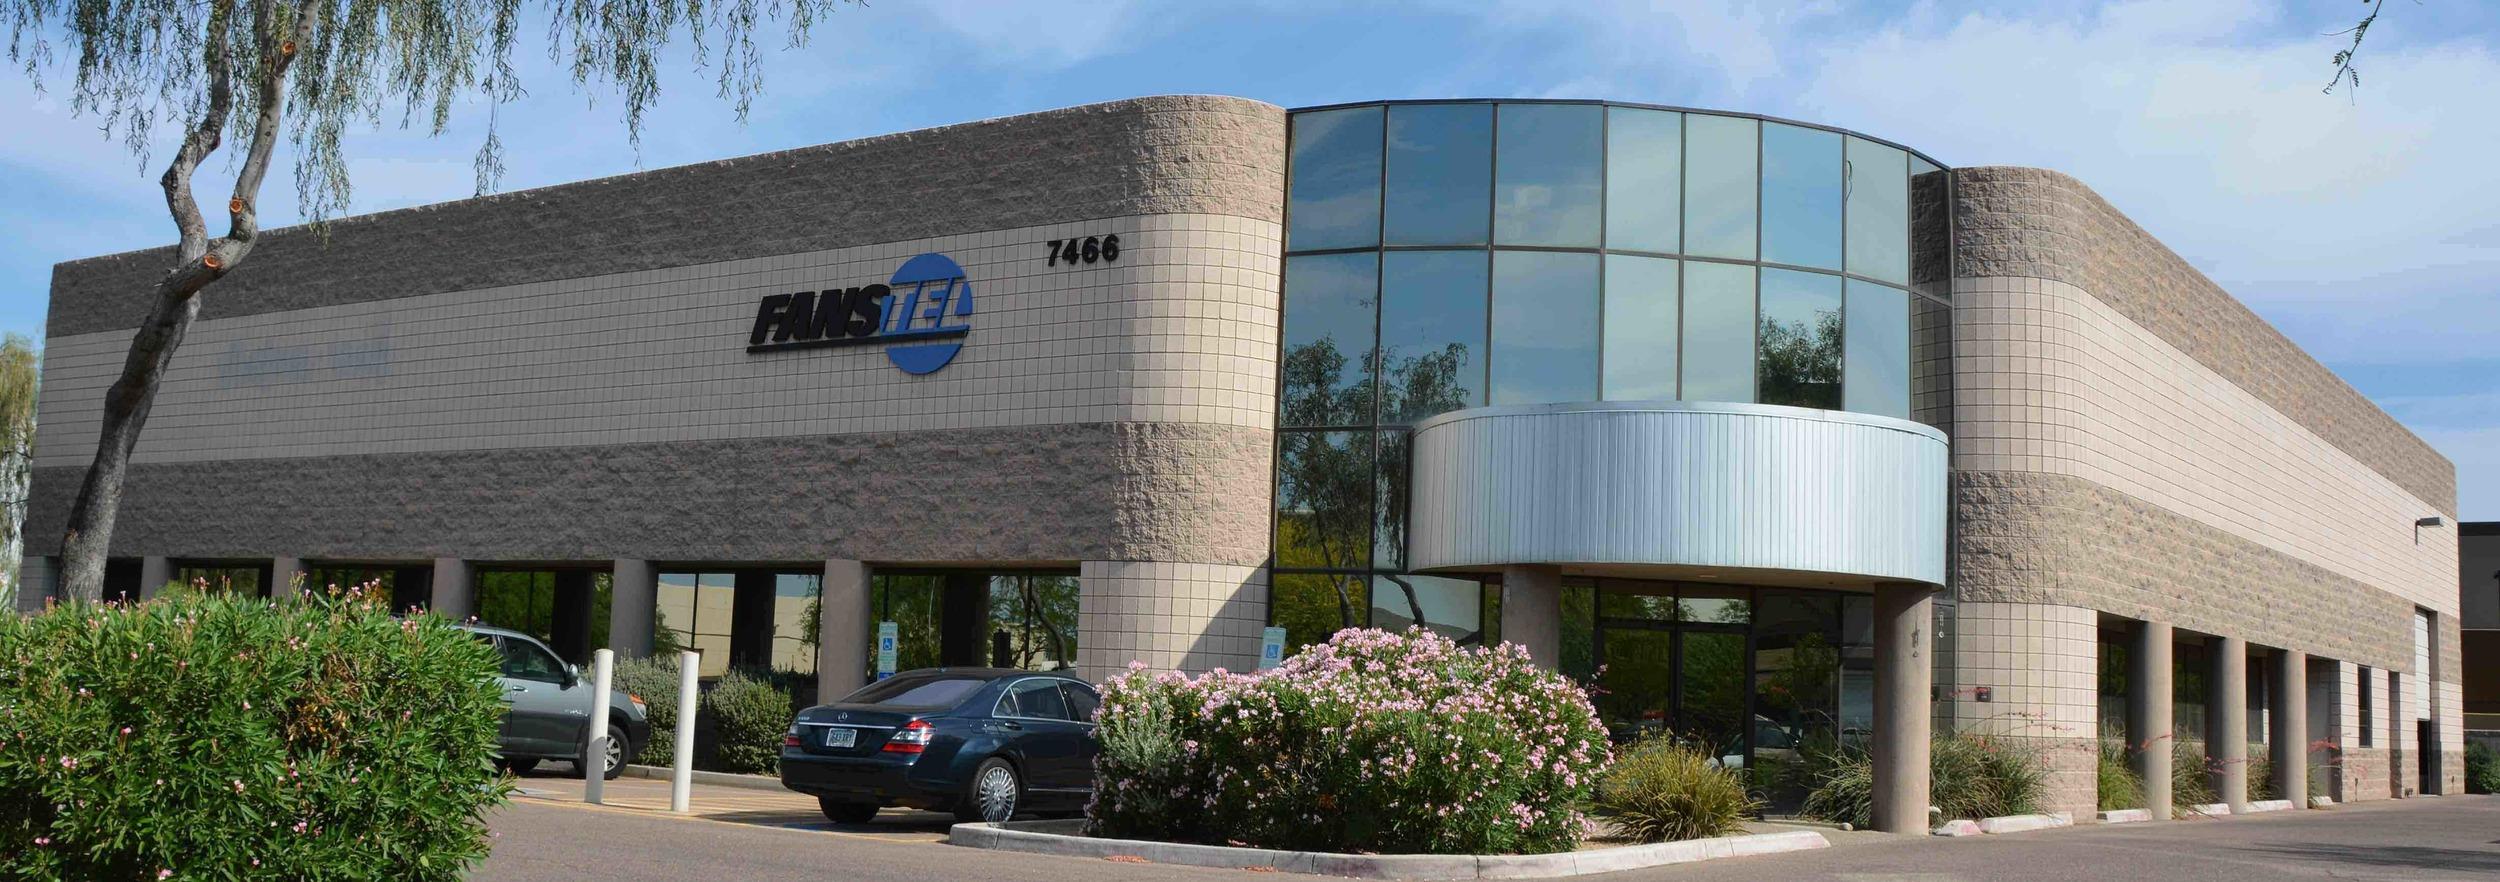 Fanstel Corp., 7466 E. Monte Cristo Ave., Scottsdale Arizona 85260 U.S.A.